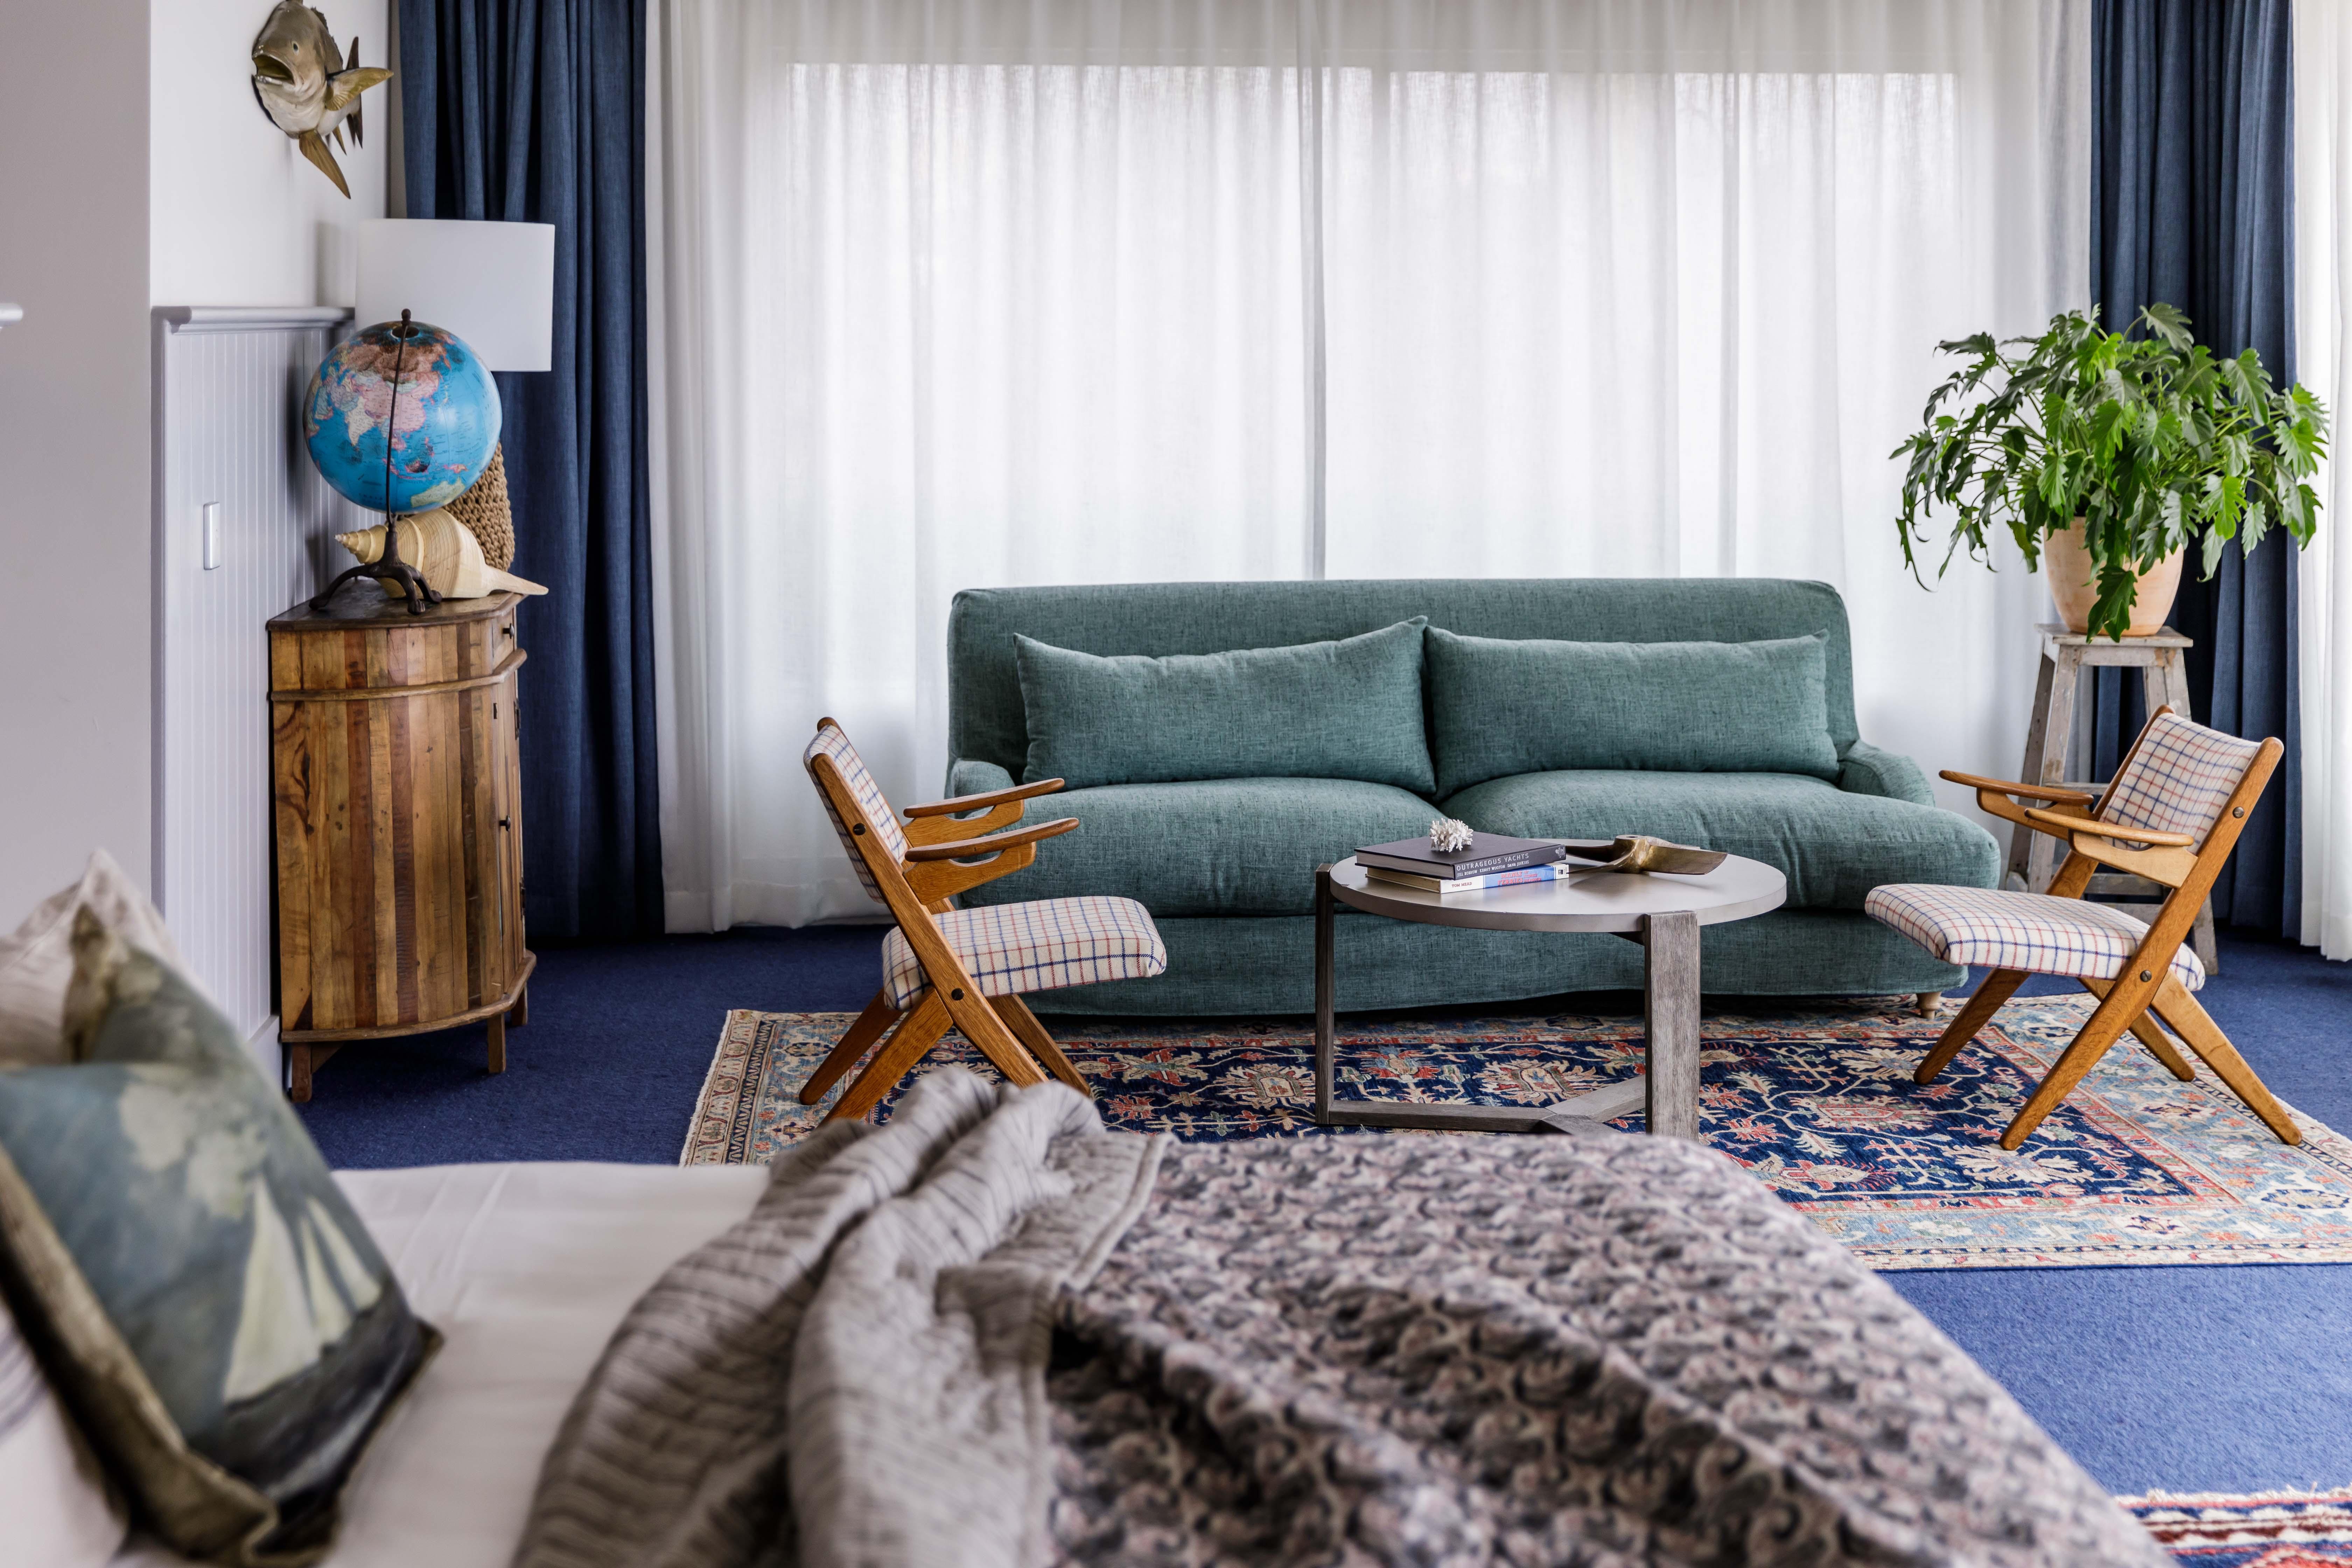 20181220_Watsons Bay Hotel_107_Low 6